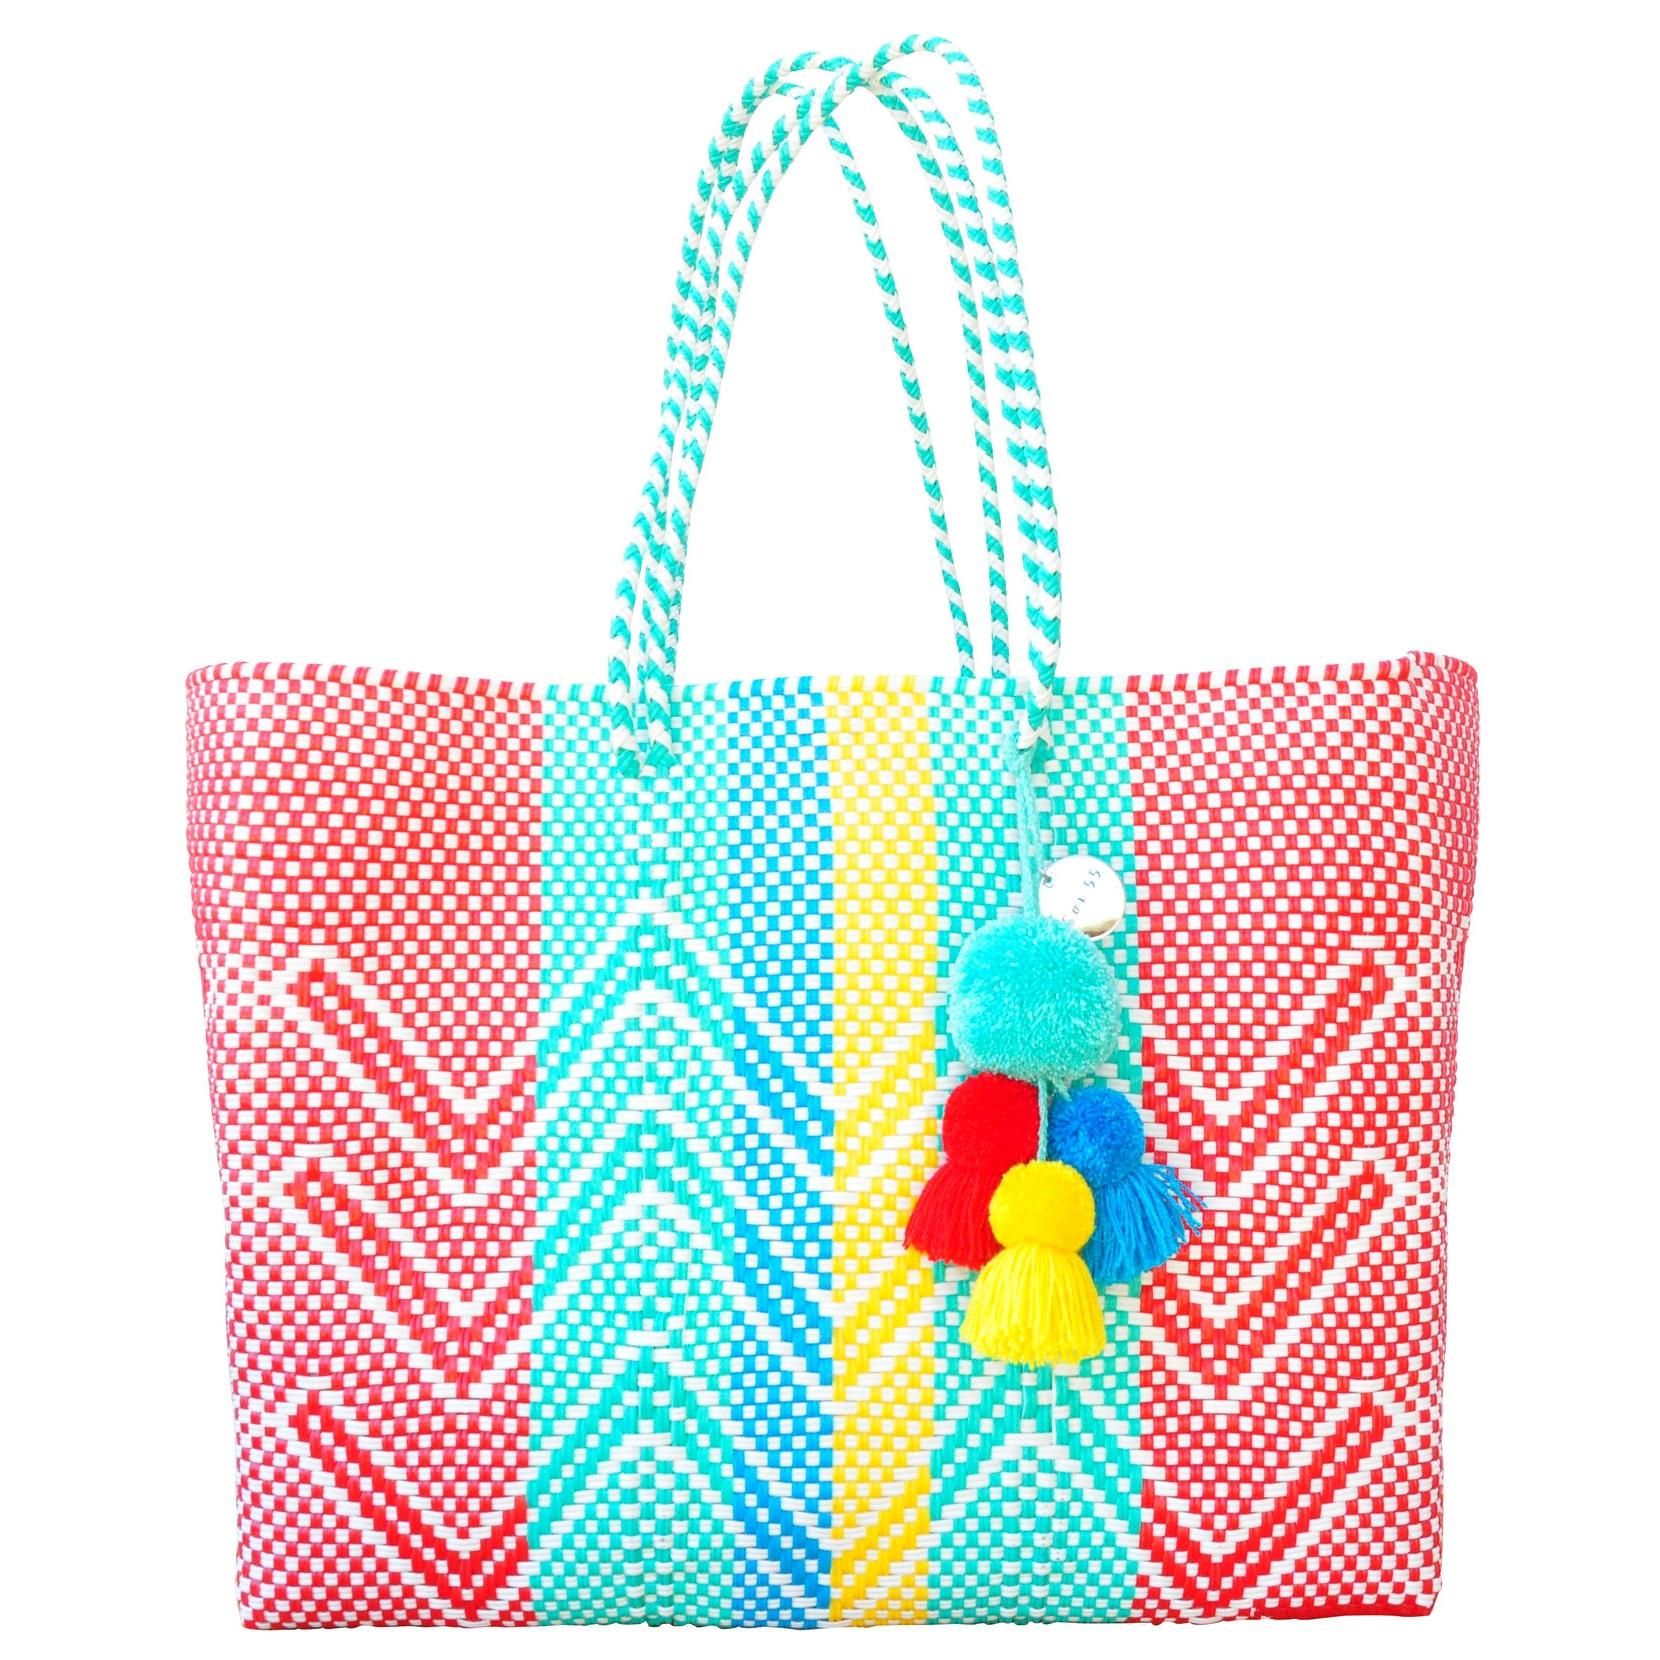 Soi 55 Lolita Beach Bag Echa.jpg